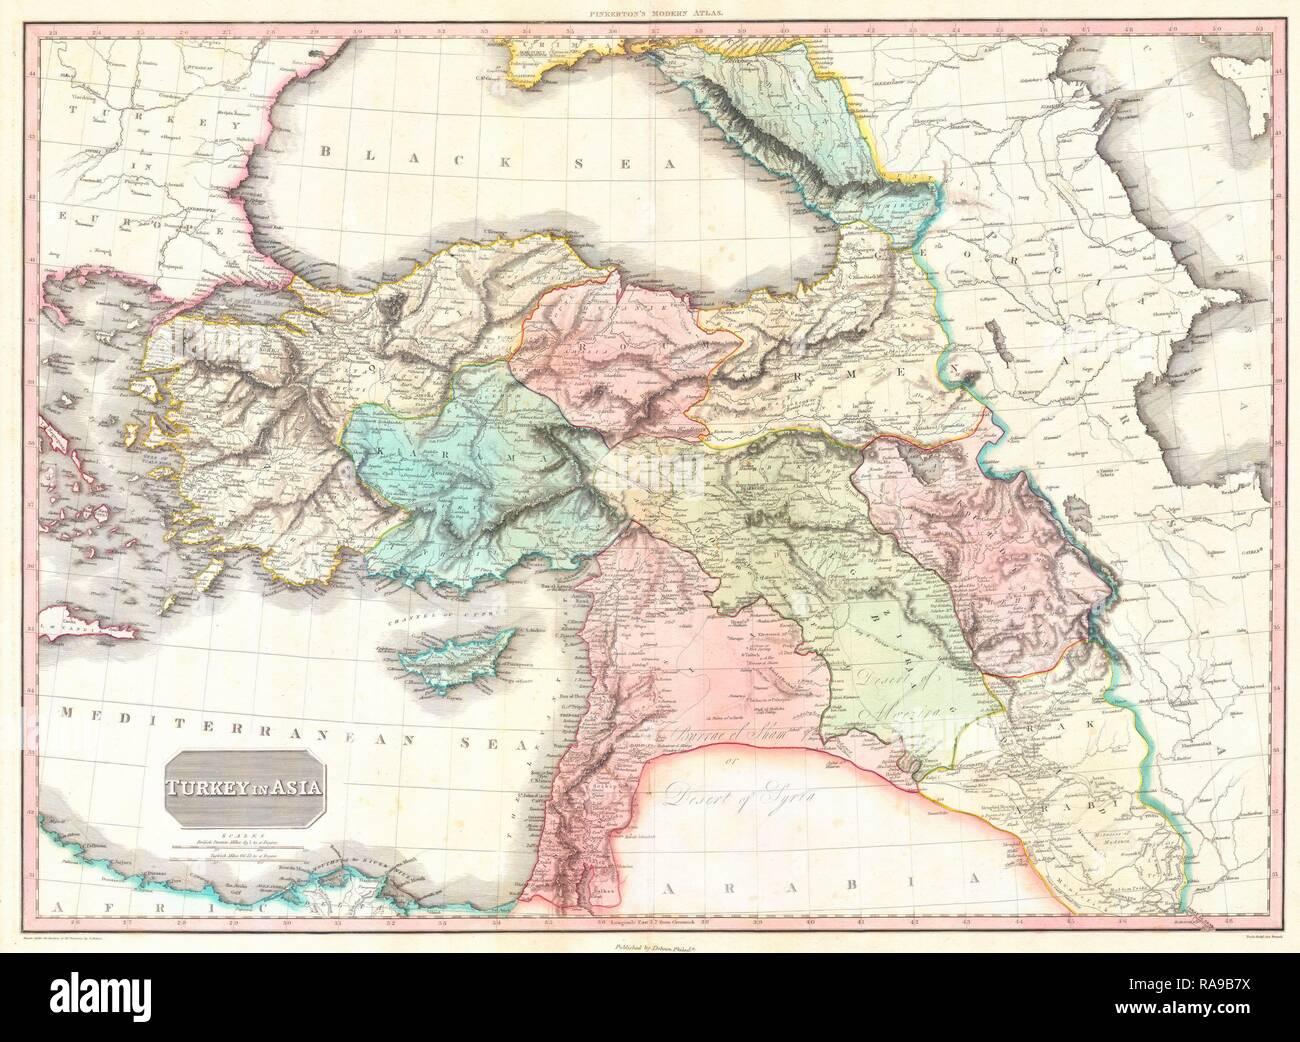 Turkey In Asia East Armenia Kurdistan Assyria Mesopotamia Iraq Maps, Atlases & Globes Art Prints Weller 1862 Map Various Styles